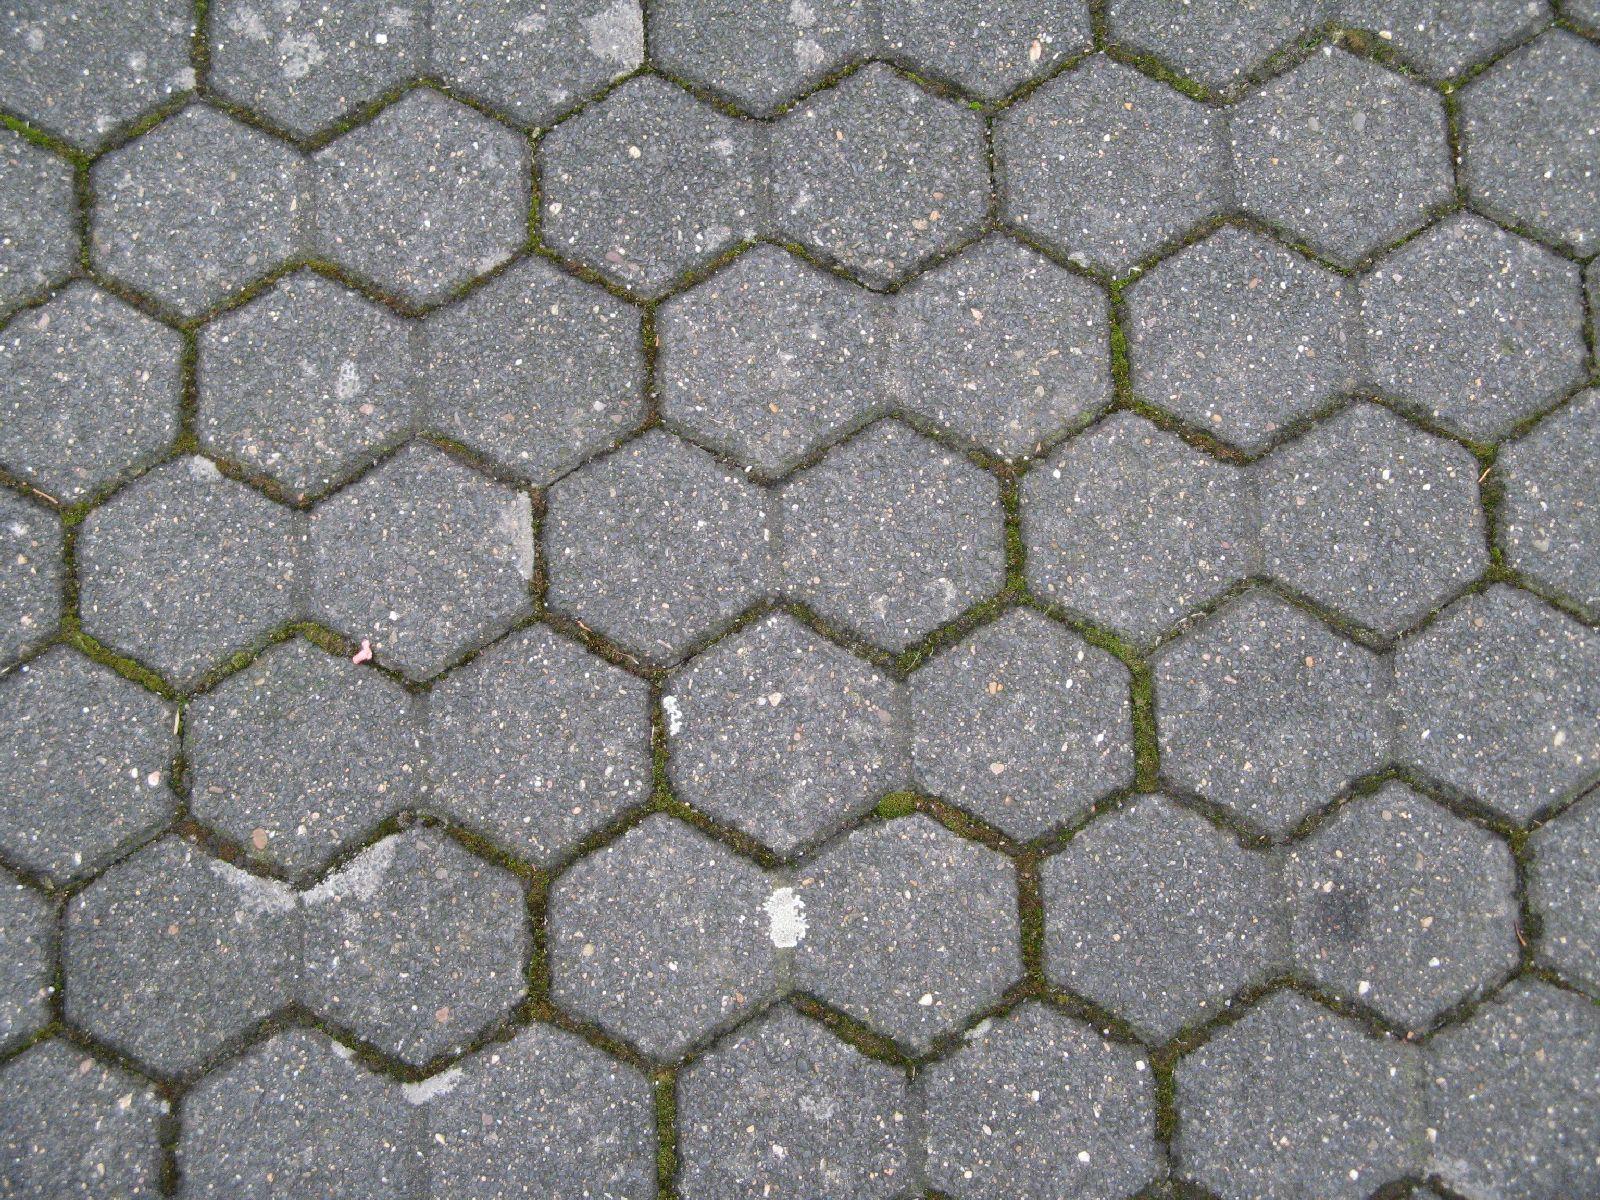 Boden-Gehweg-Strasse-Buergersteig-Textur_B_4813